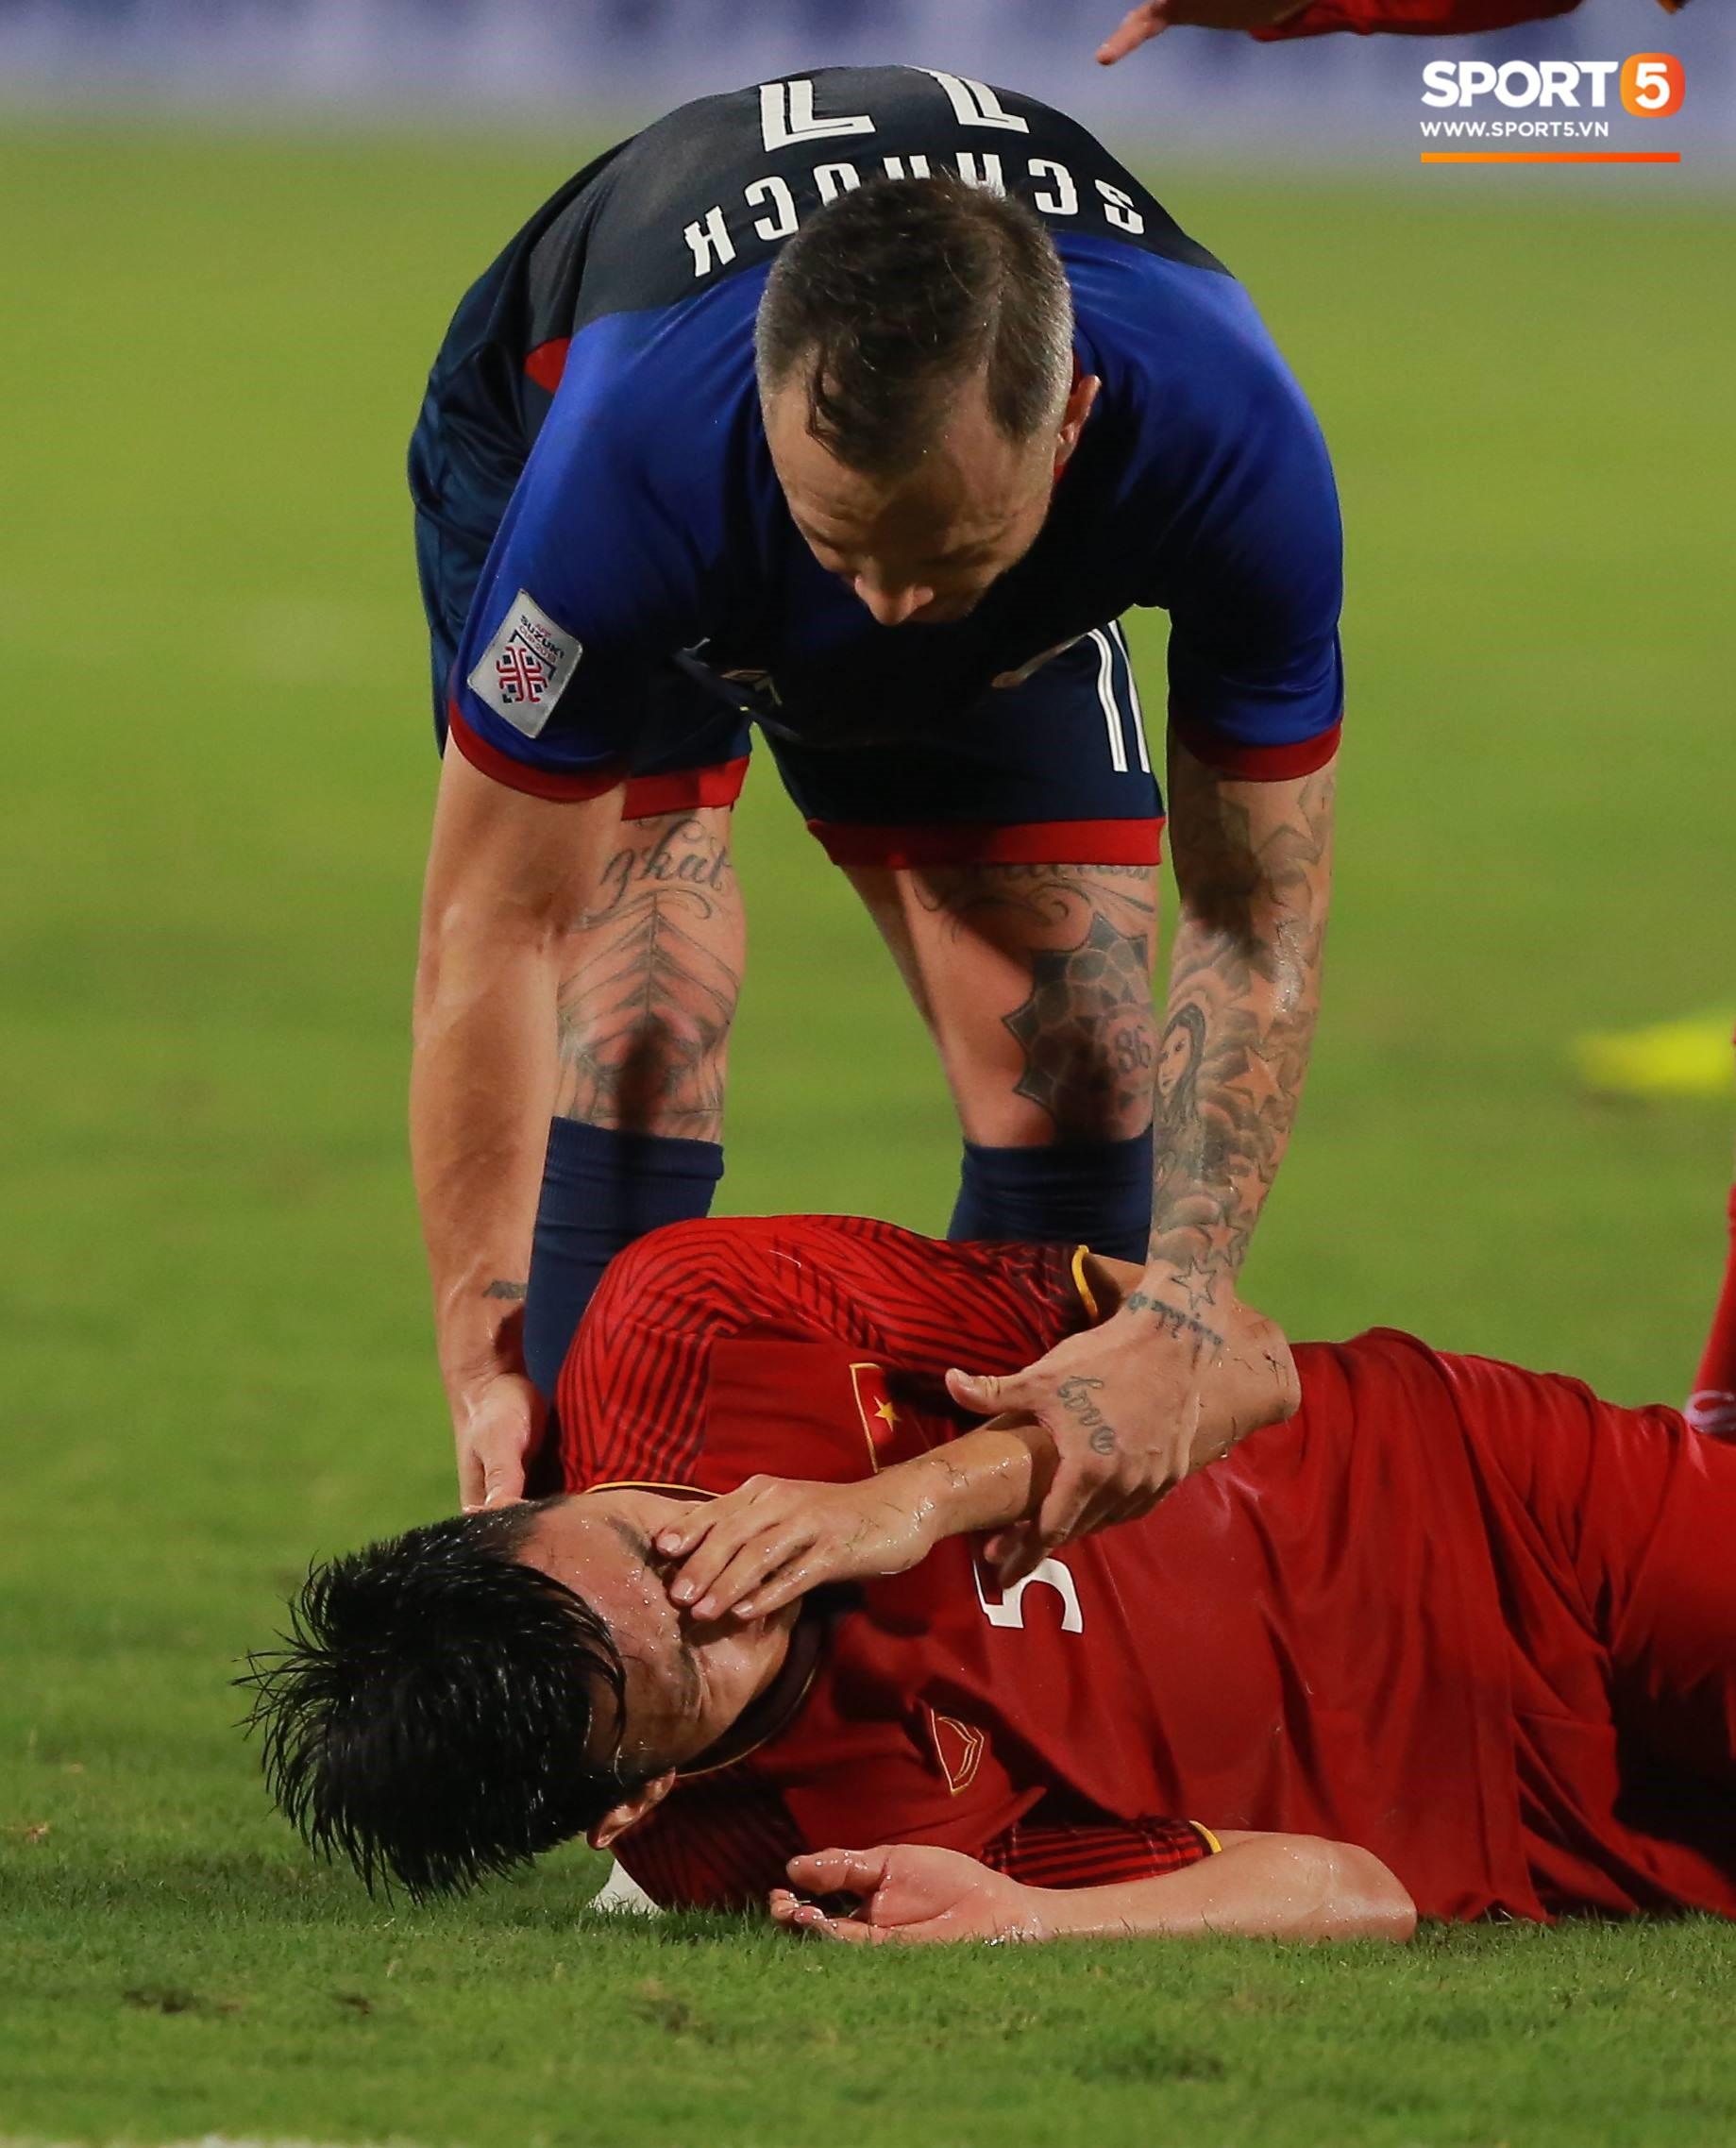 Trọng 'gắt' chỉ thẳng mặt cầu thủ Philippines chơi xấu để bảo vệ em út Văn Hậu 2